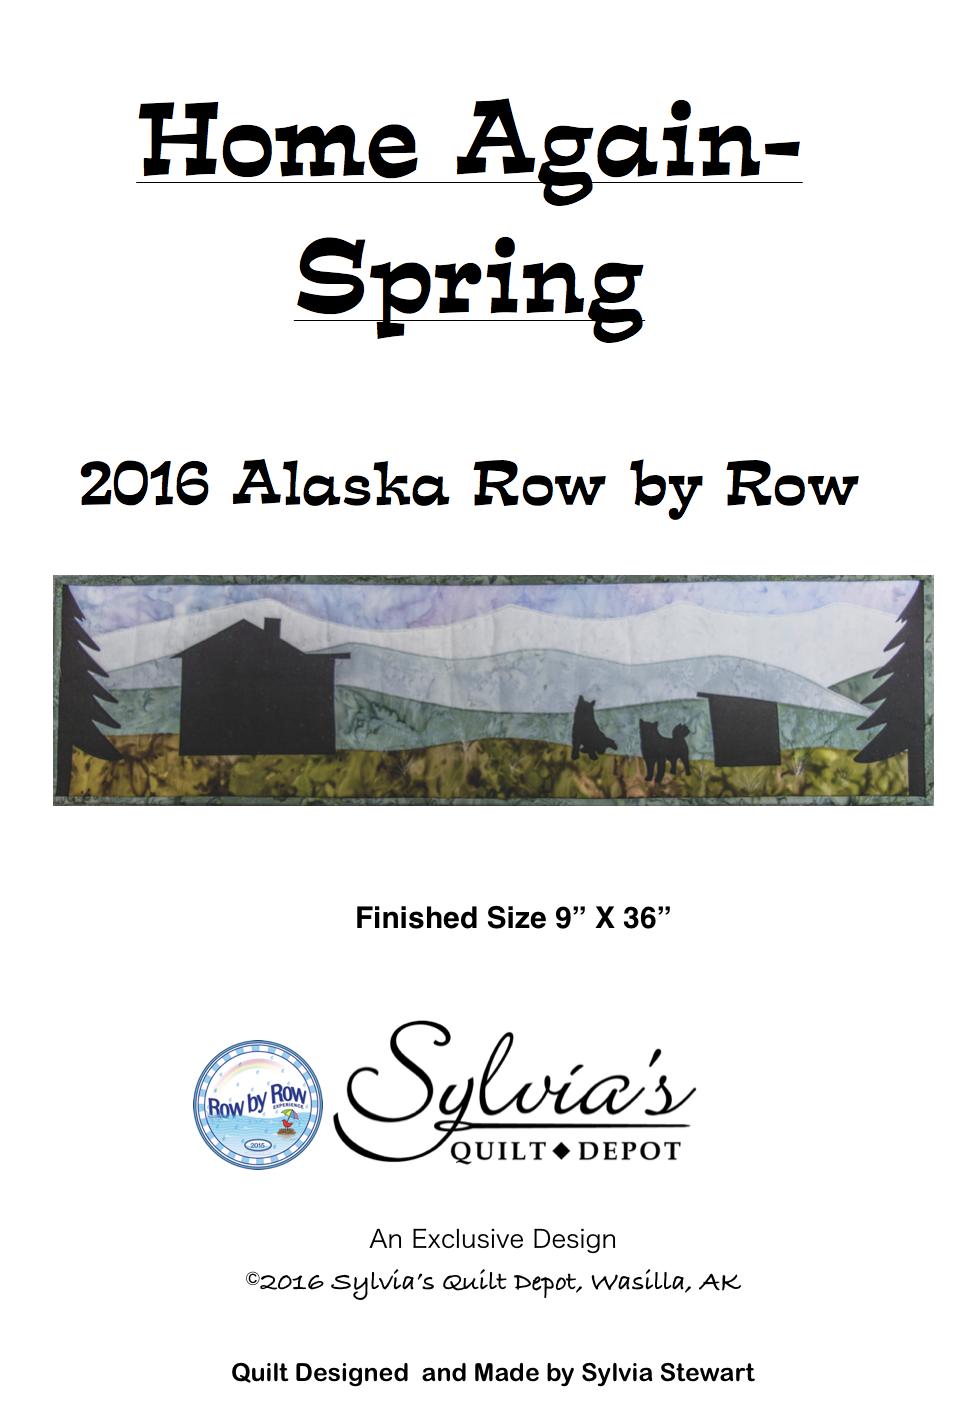 2016 Row x Row - Home Again - Spring Kit